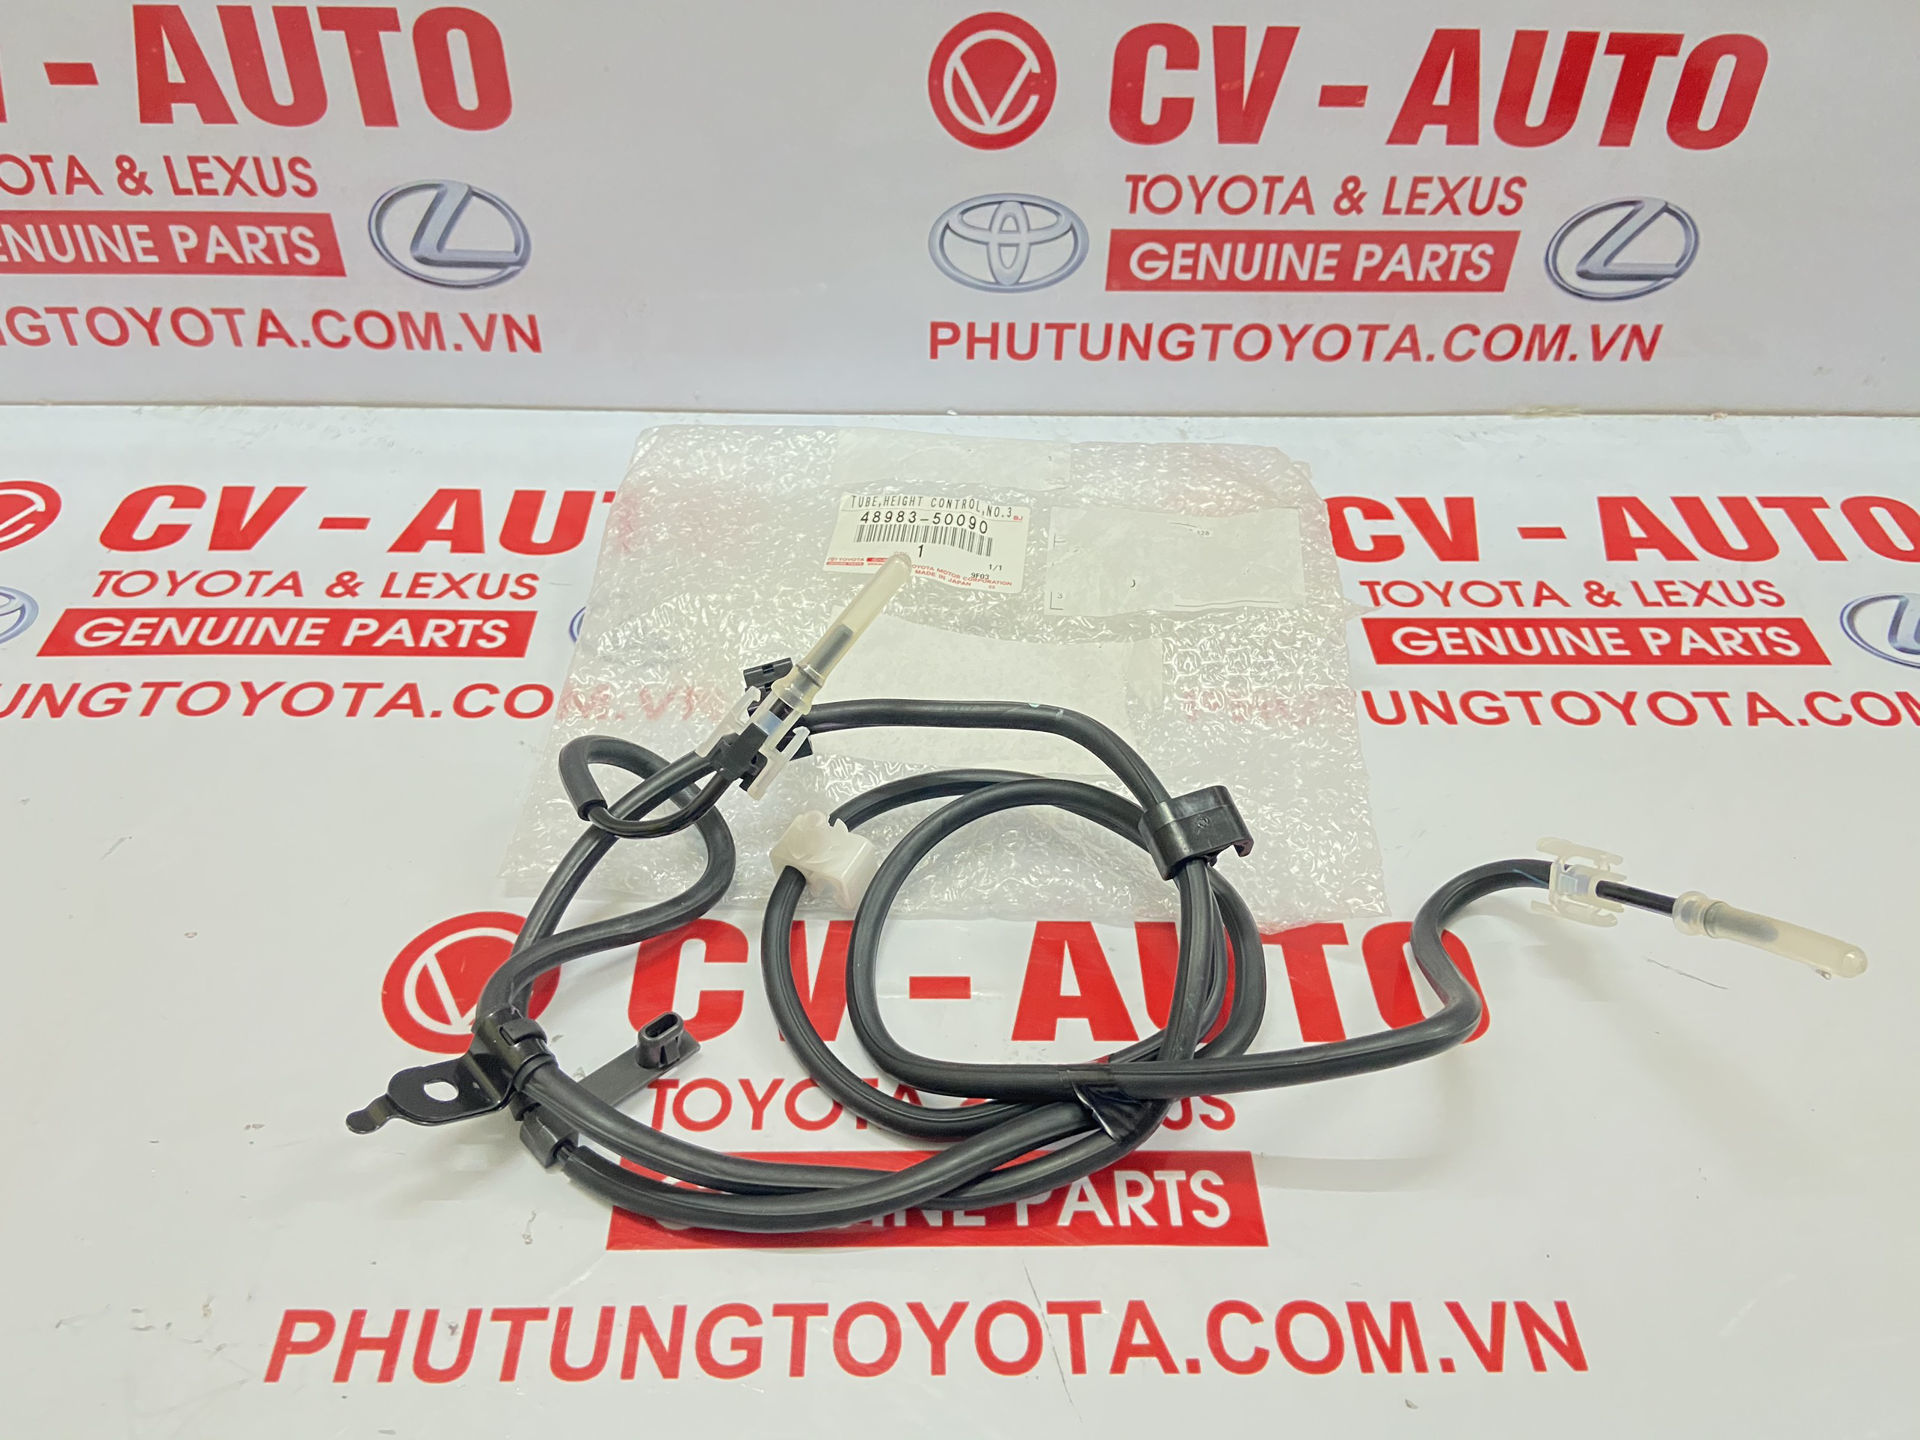 Picture of 48983-50090 Ống hơi giảm xóc Lexus LS460, LS600H chính hãng